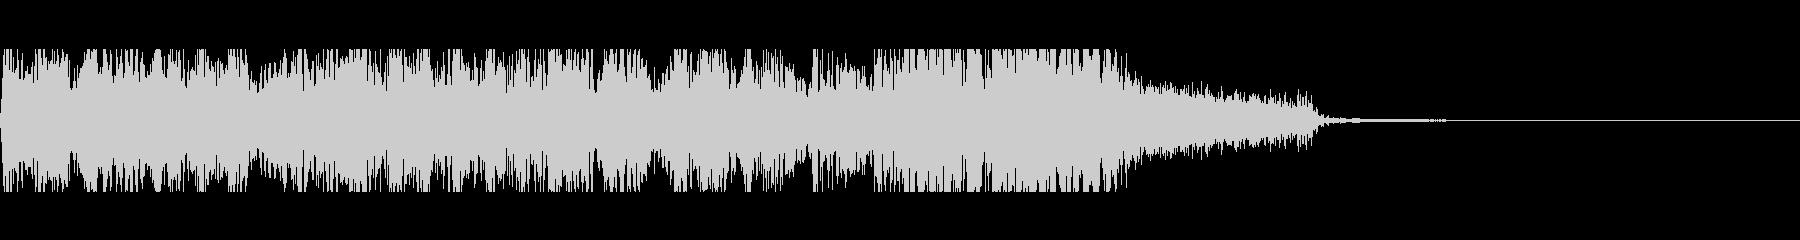 ロック風なアテンション音の未再生の波形